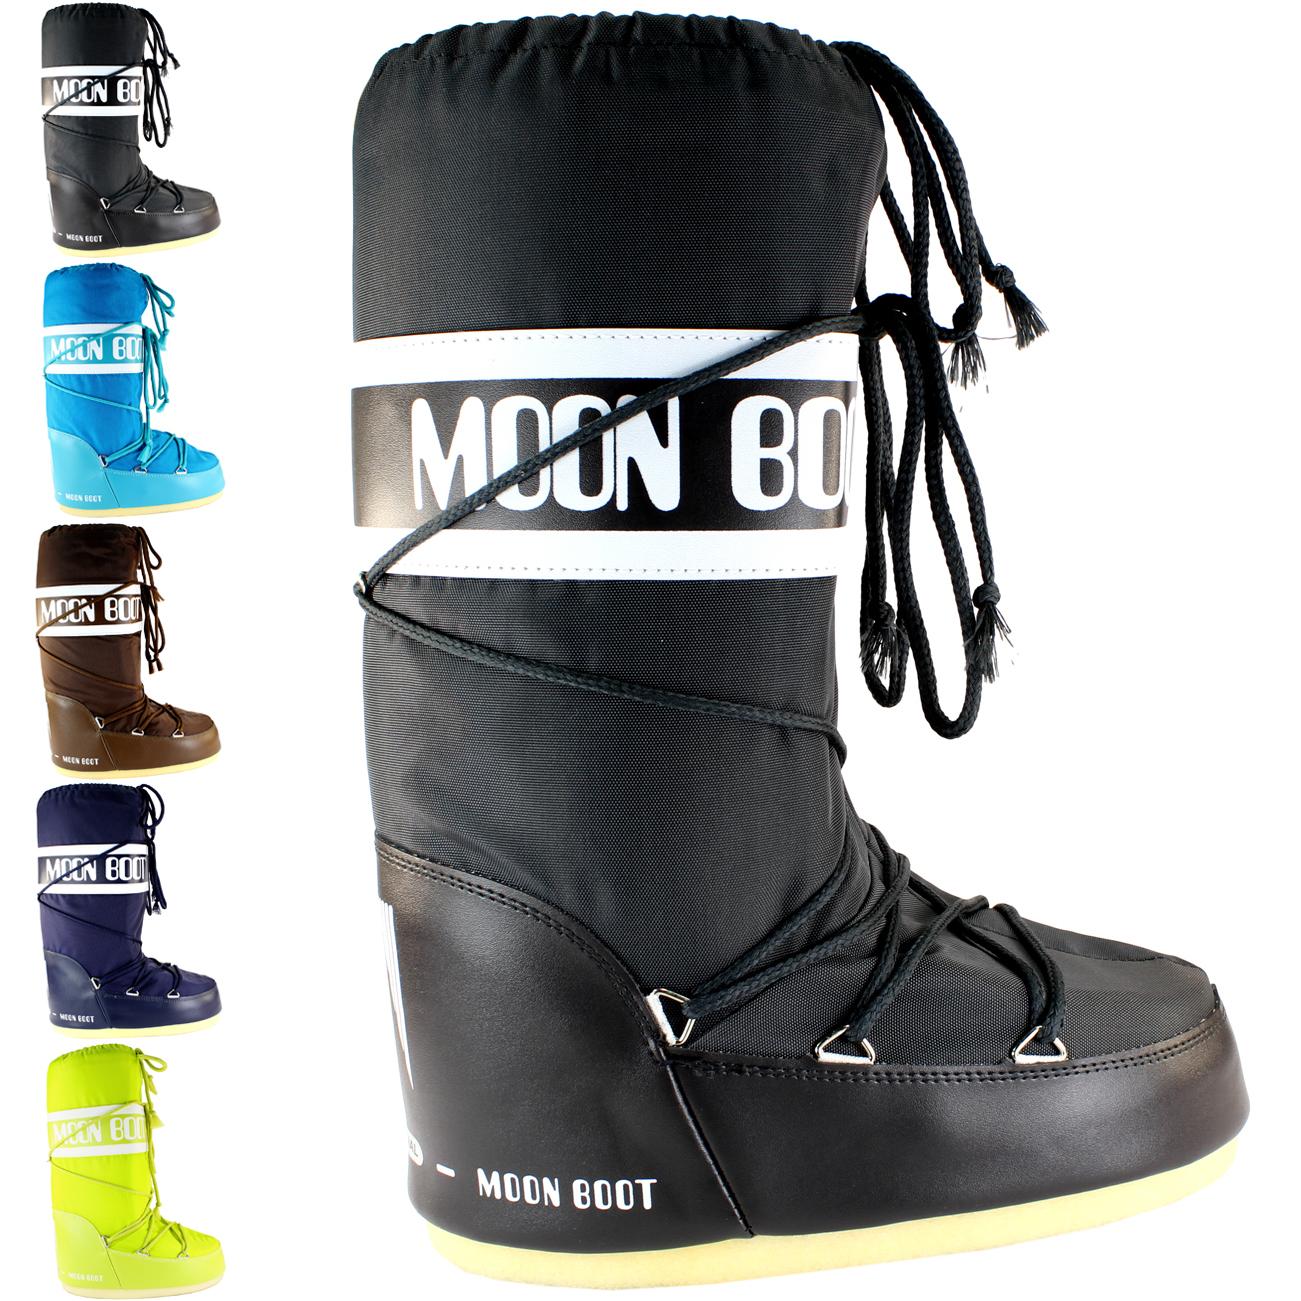 Da Donna Tecnica Moon Boot Nylon Impermeabile Inverno Neve Pioggia Sci Stivali Sking 3-8- Bianco Puro E Traslucido